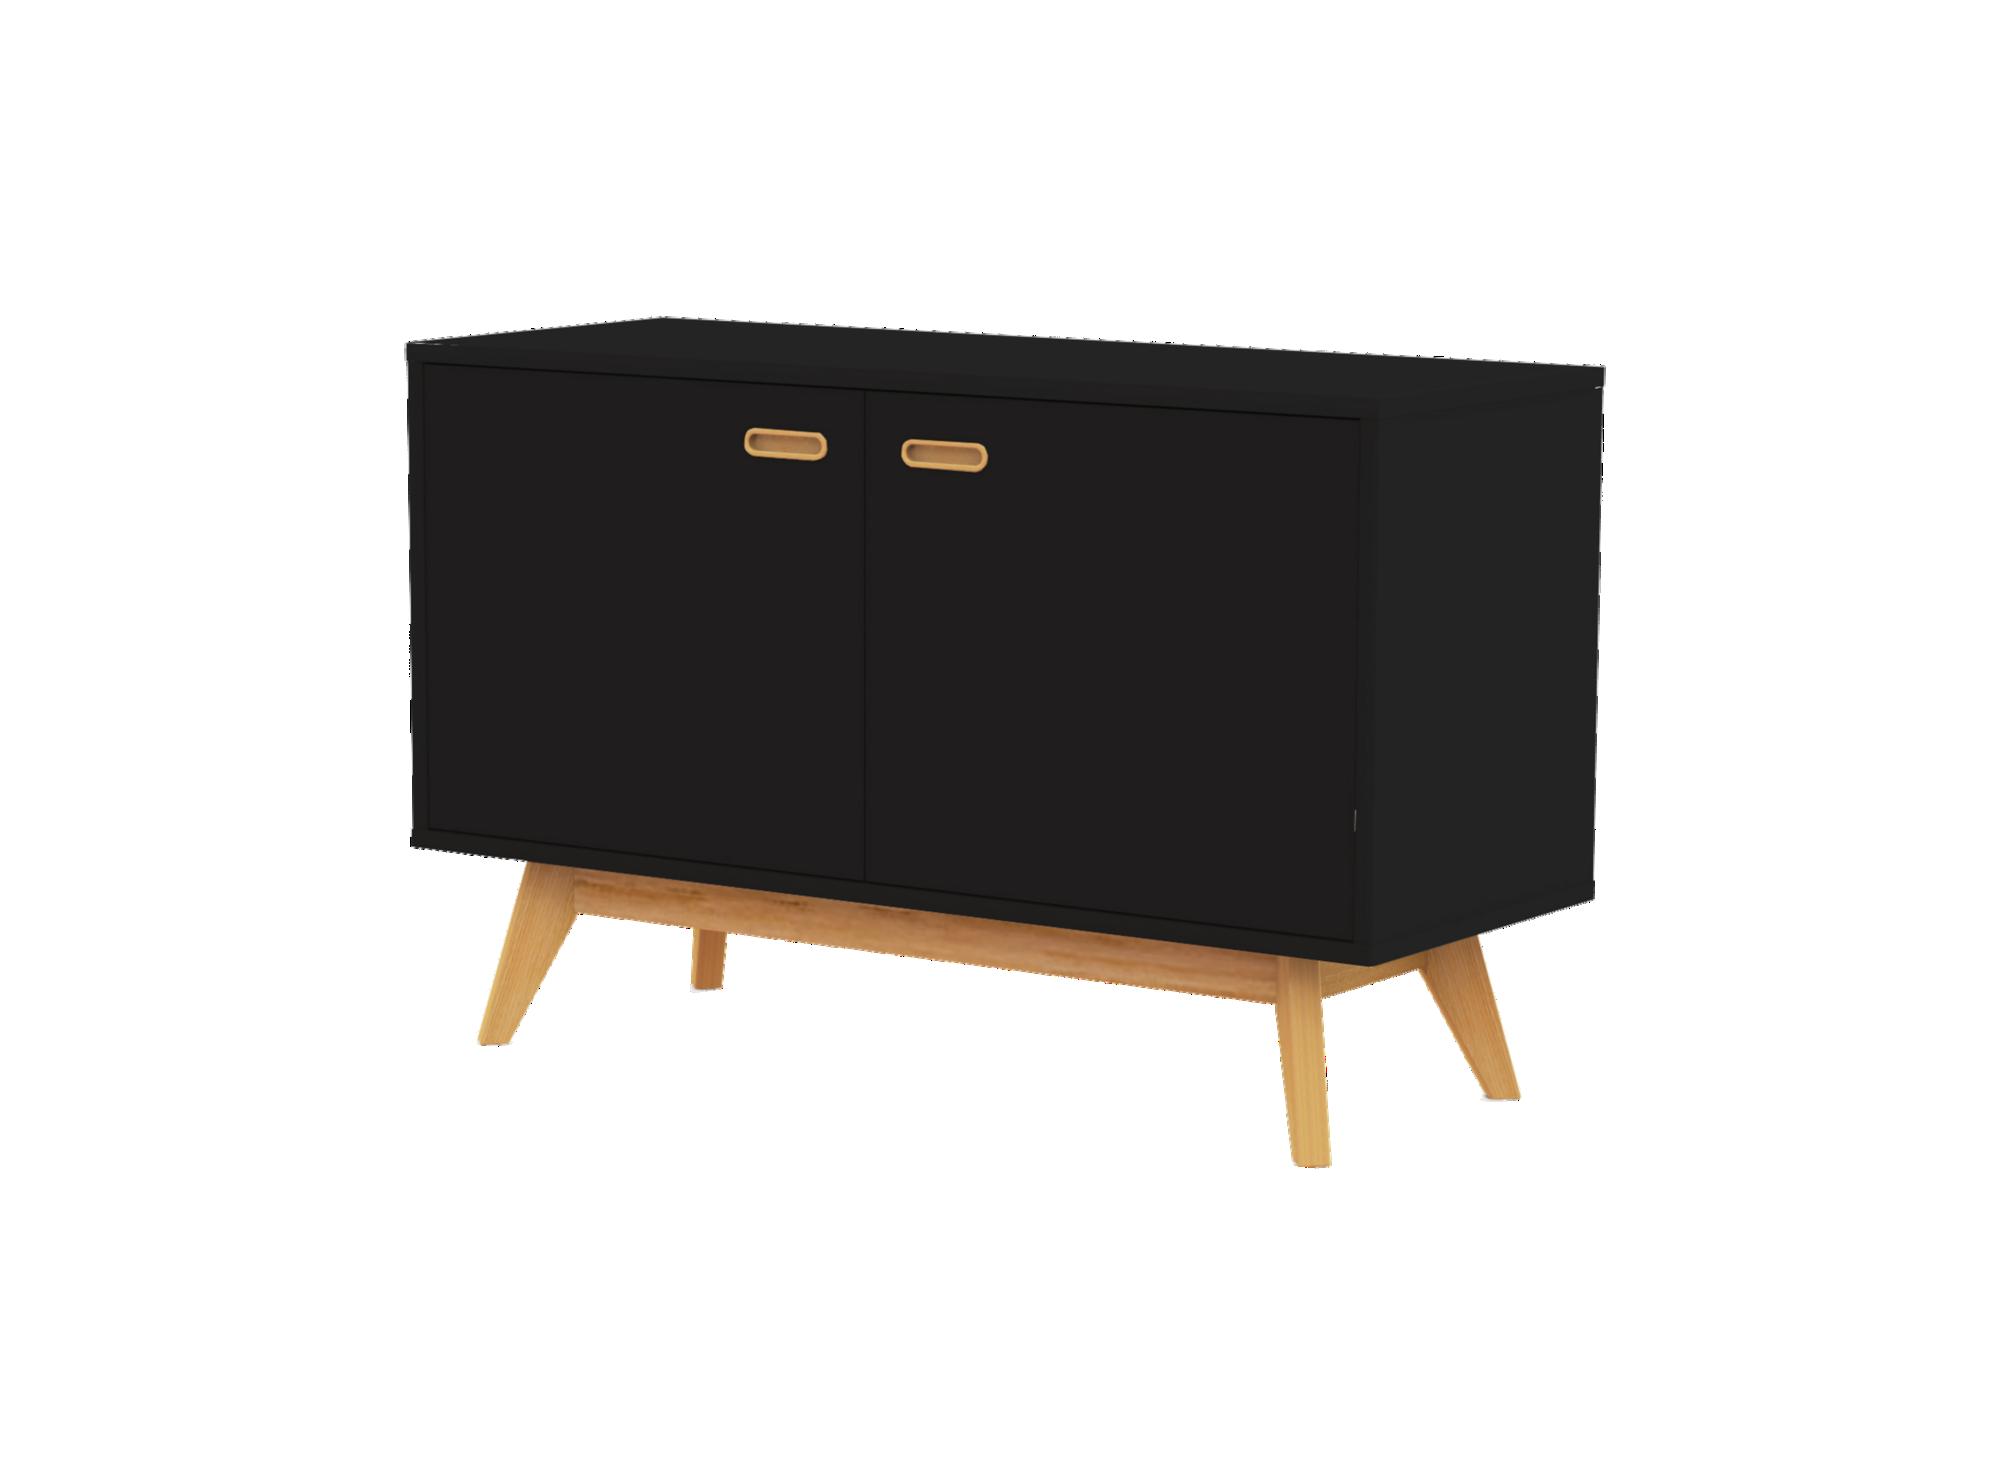 bahut 2portes noir chene fly. Black Bedroom Furniture Sets. Home Design Ideas